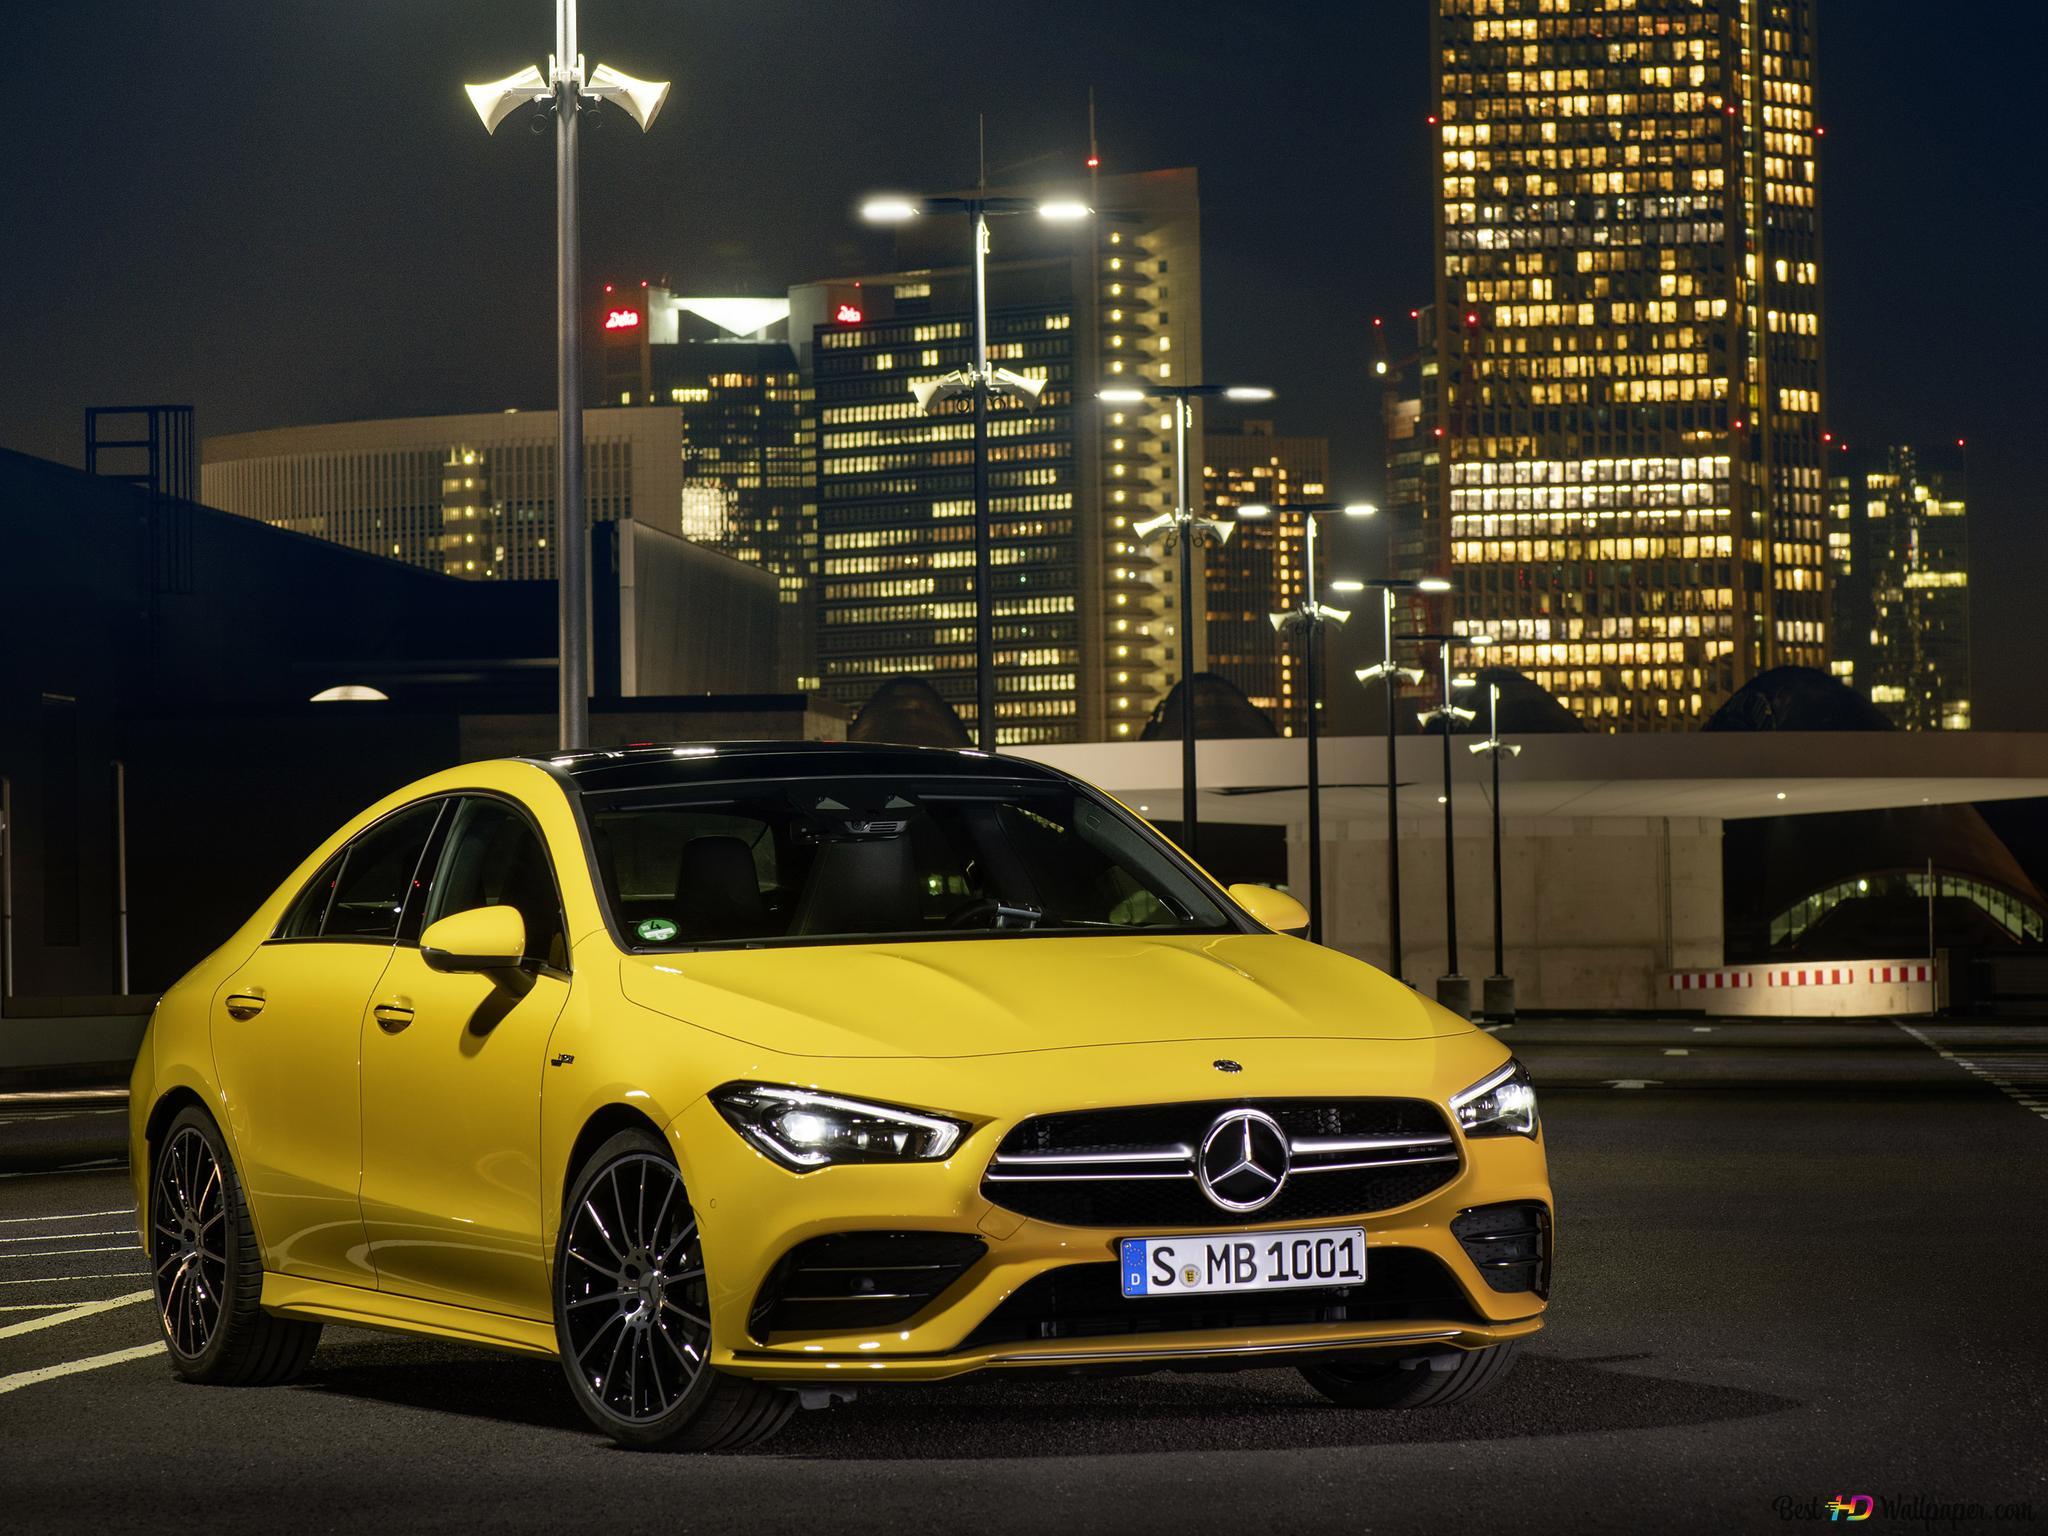 Descargar Fondo De Pantalla Amarillo Amg Mercedes Cla 35 Hd